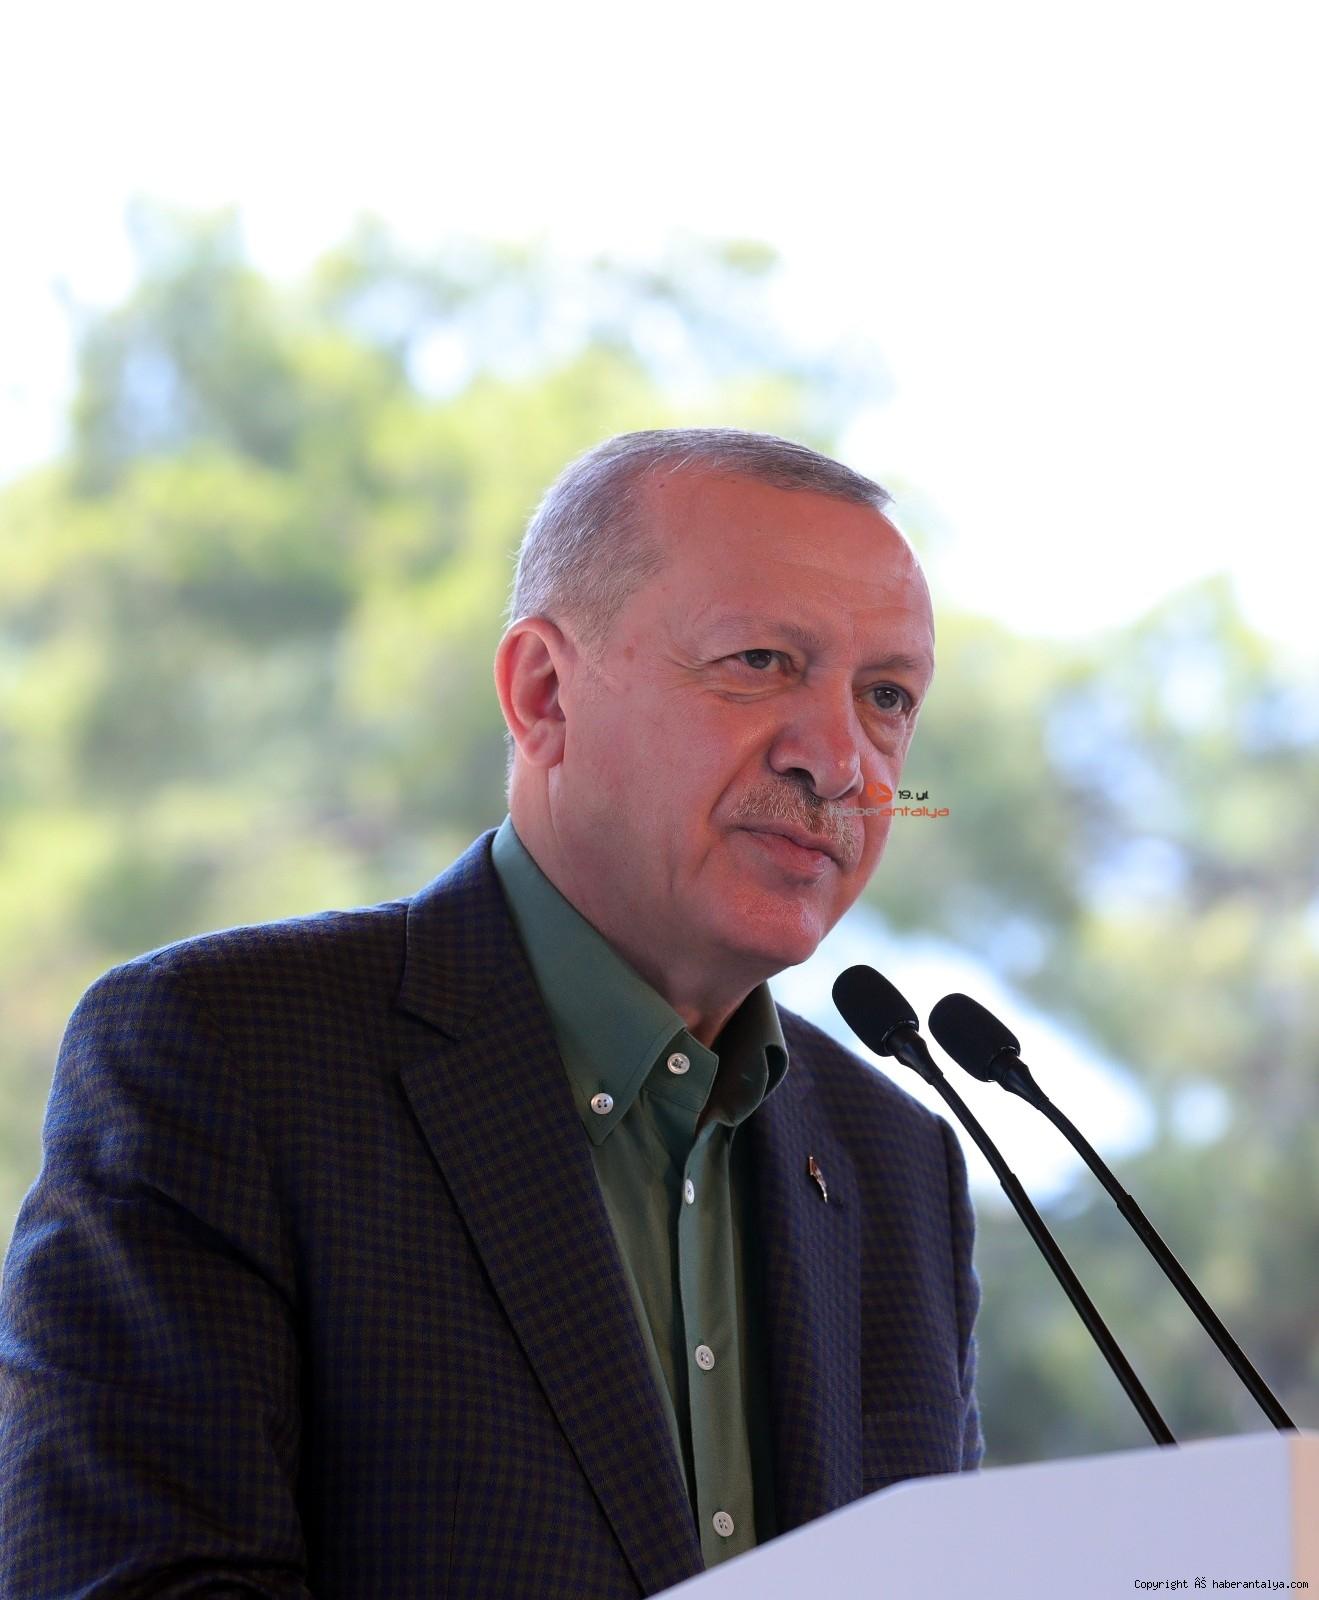 2021/06/cumhurbaskani-erdogan-yakalanan-failin-iliskileri-ortaya-cikarilarak-en-agir-cezayi-alacagina-inaniyoruz-20210619AW35-9.jpg